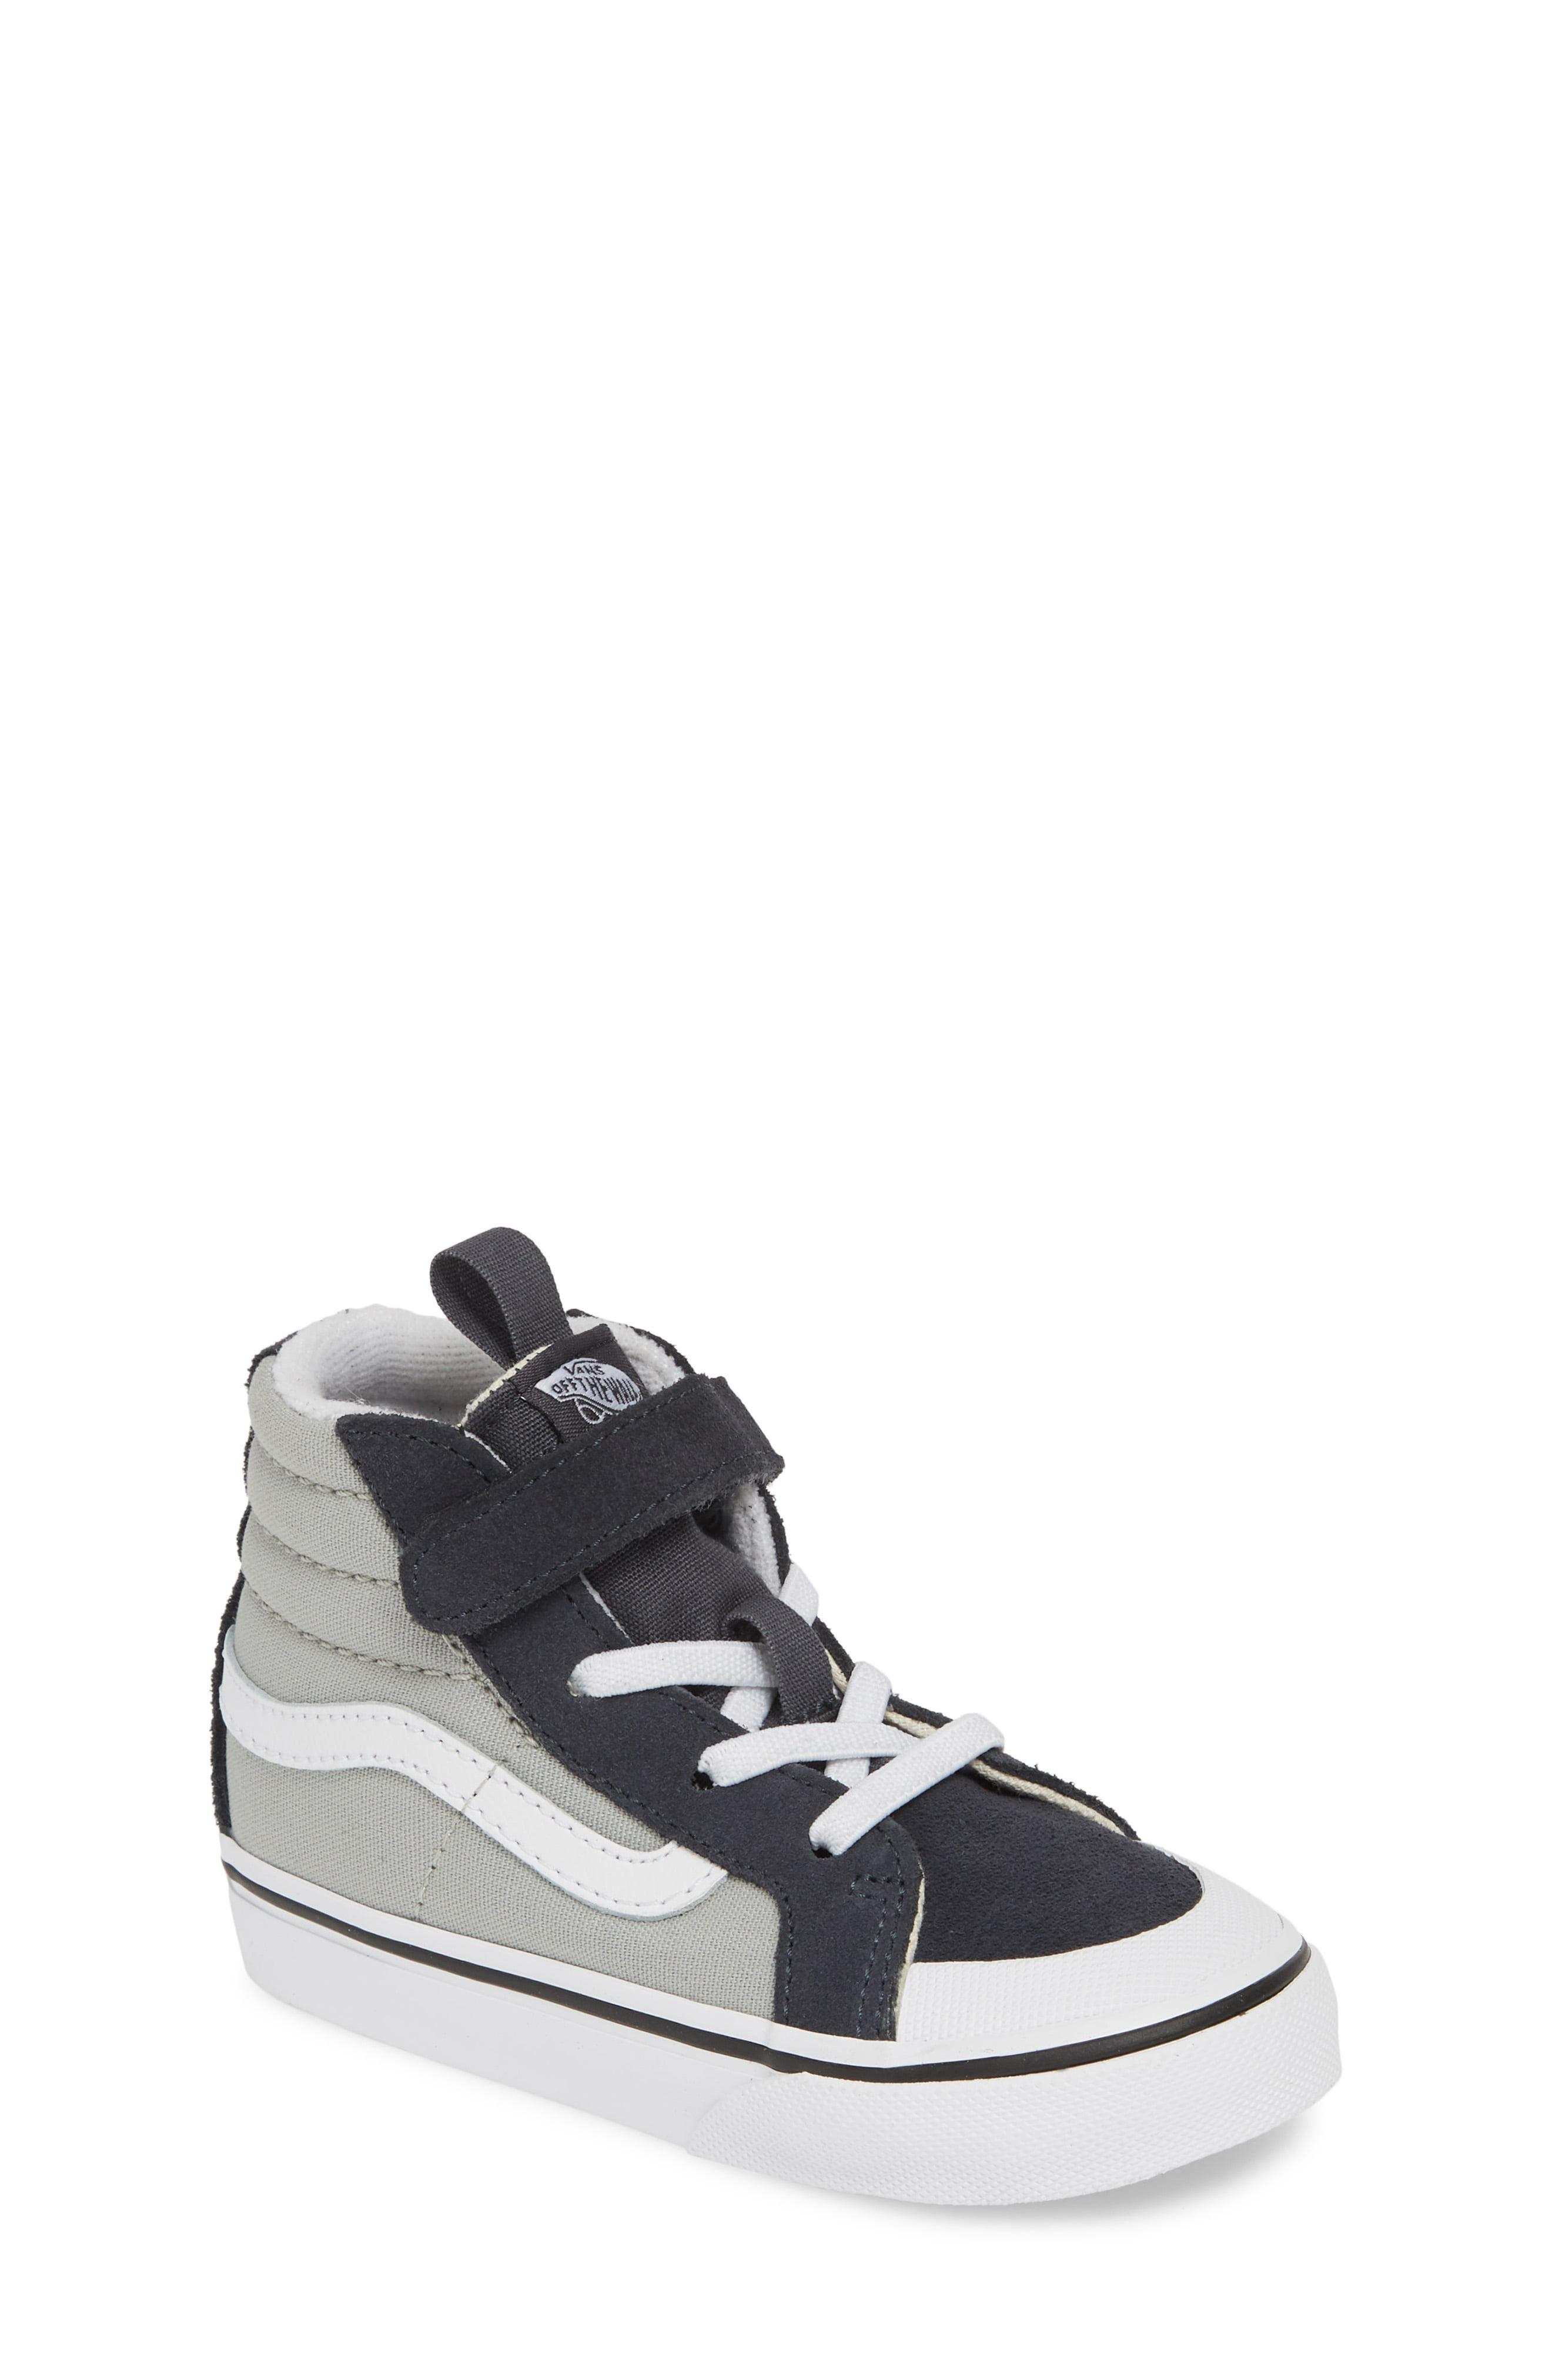 730b340c08f Vans. Women's Sk8-hi Reissue 138 Sneaker